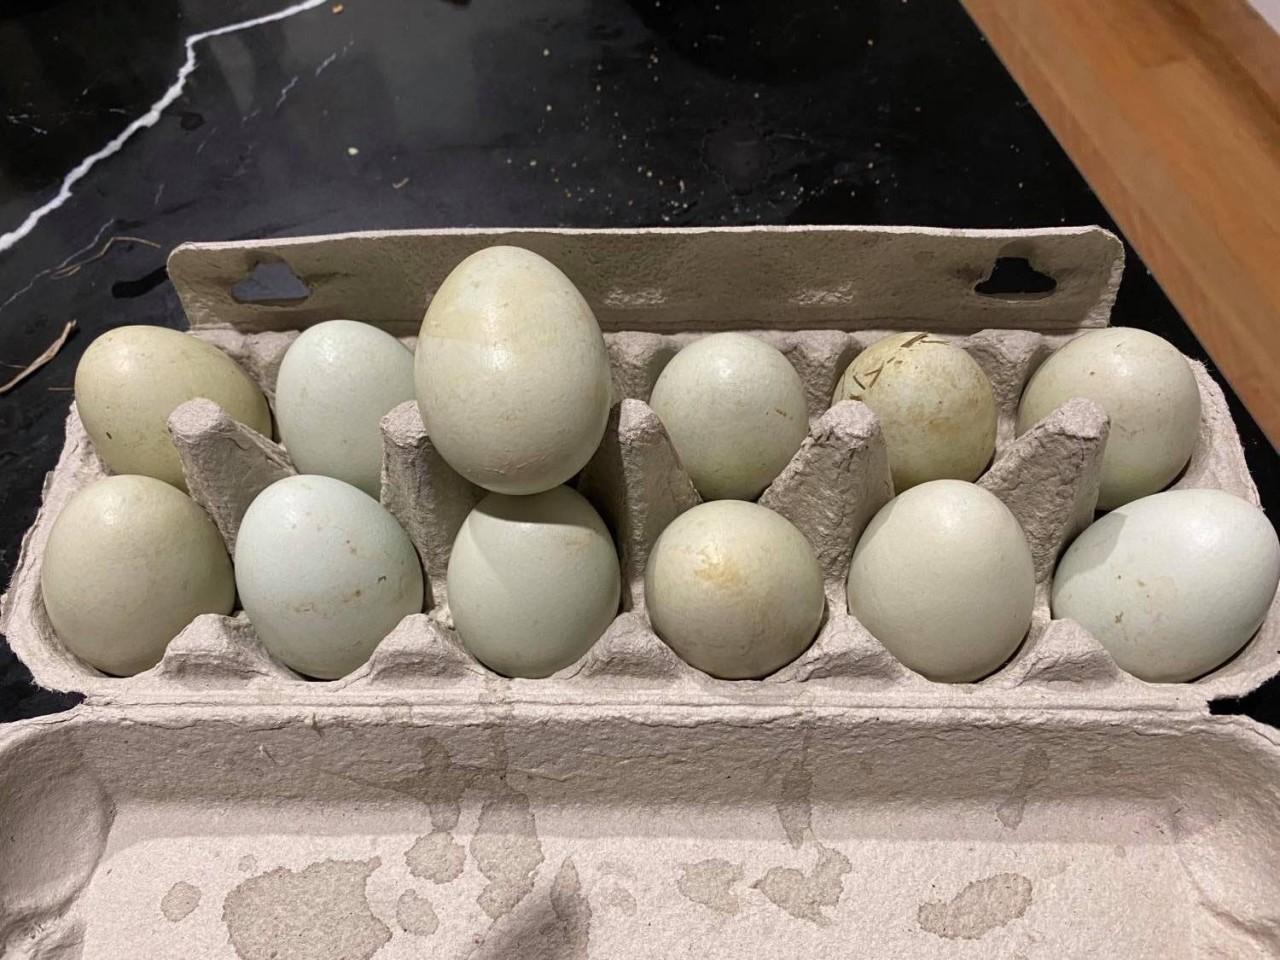 cream-legbar-eggs_original